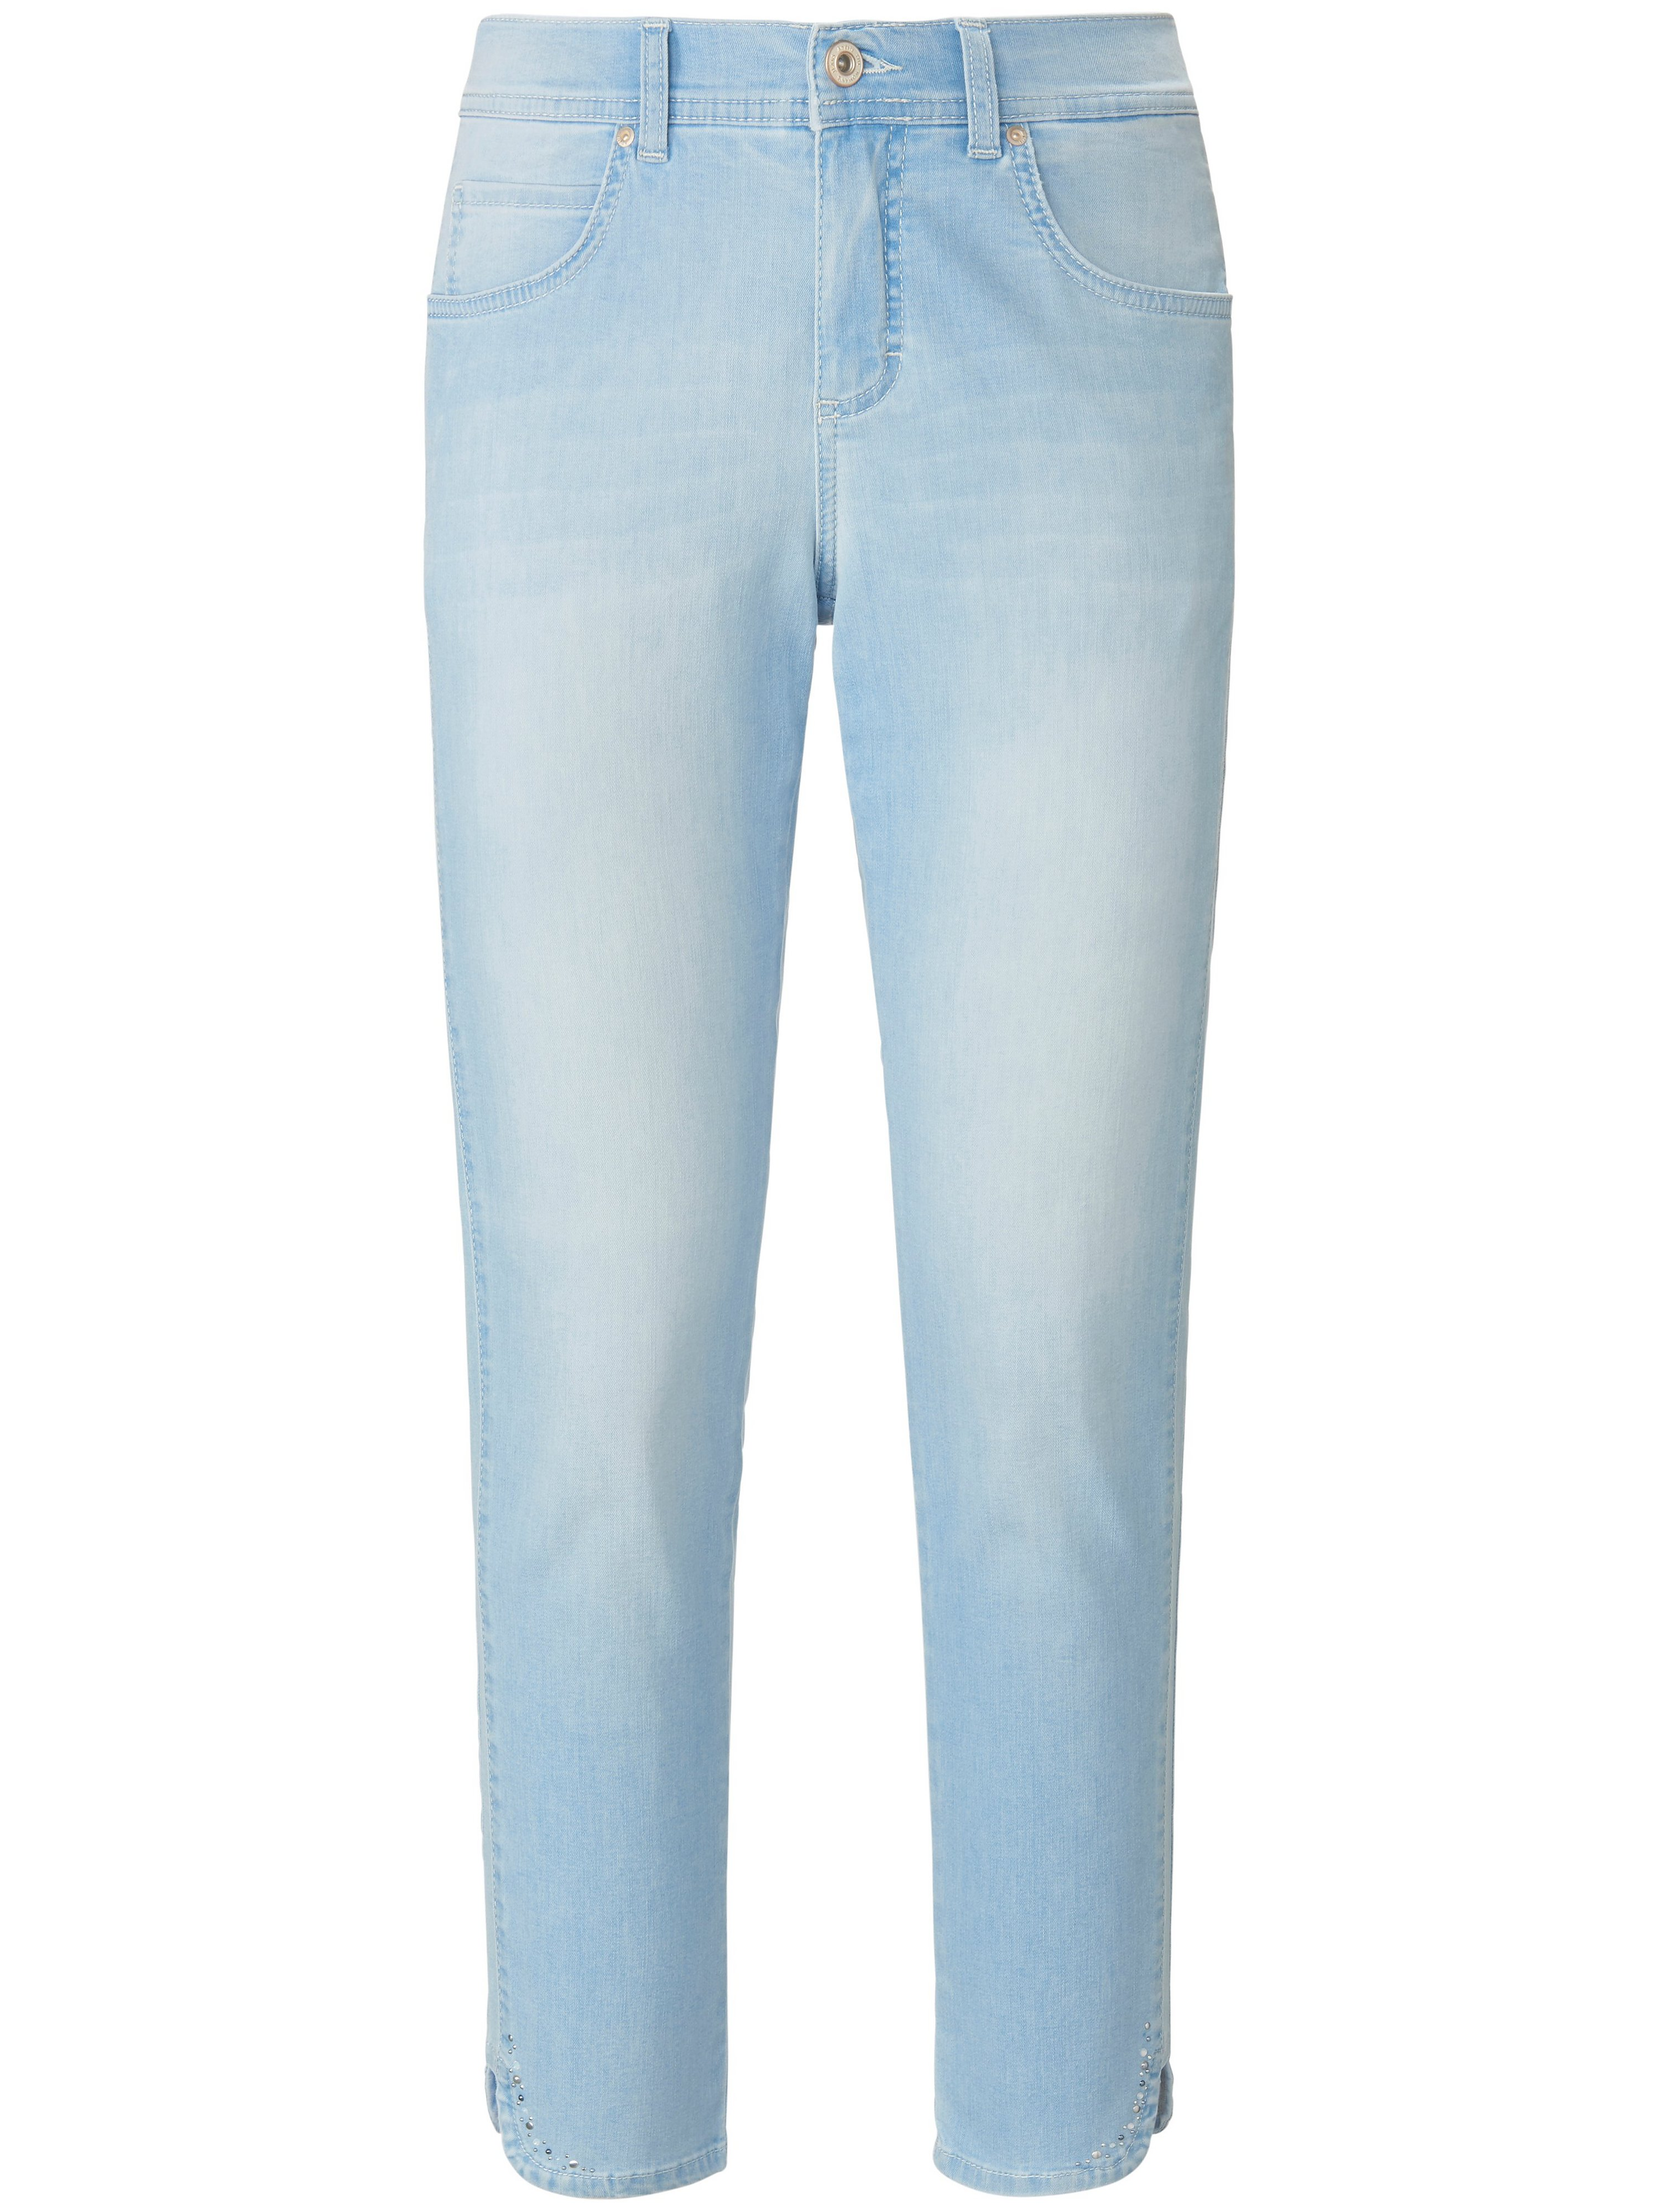 Slim fit 7/8-length jeans design Ornella Sparkle ANGELS denim